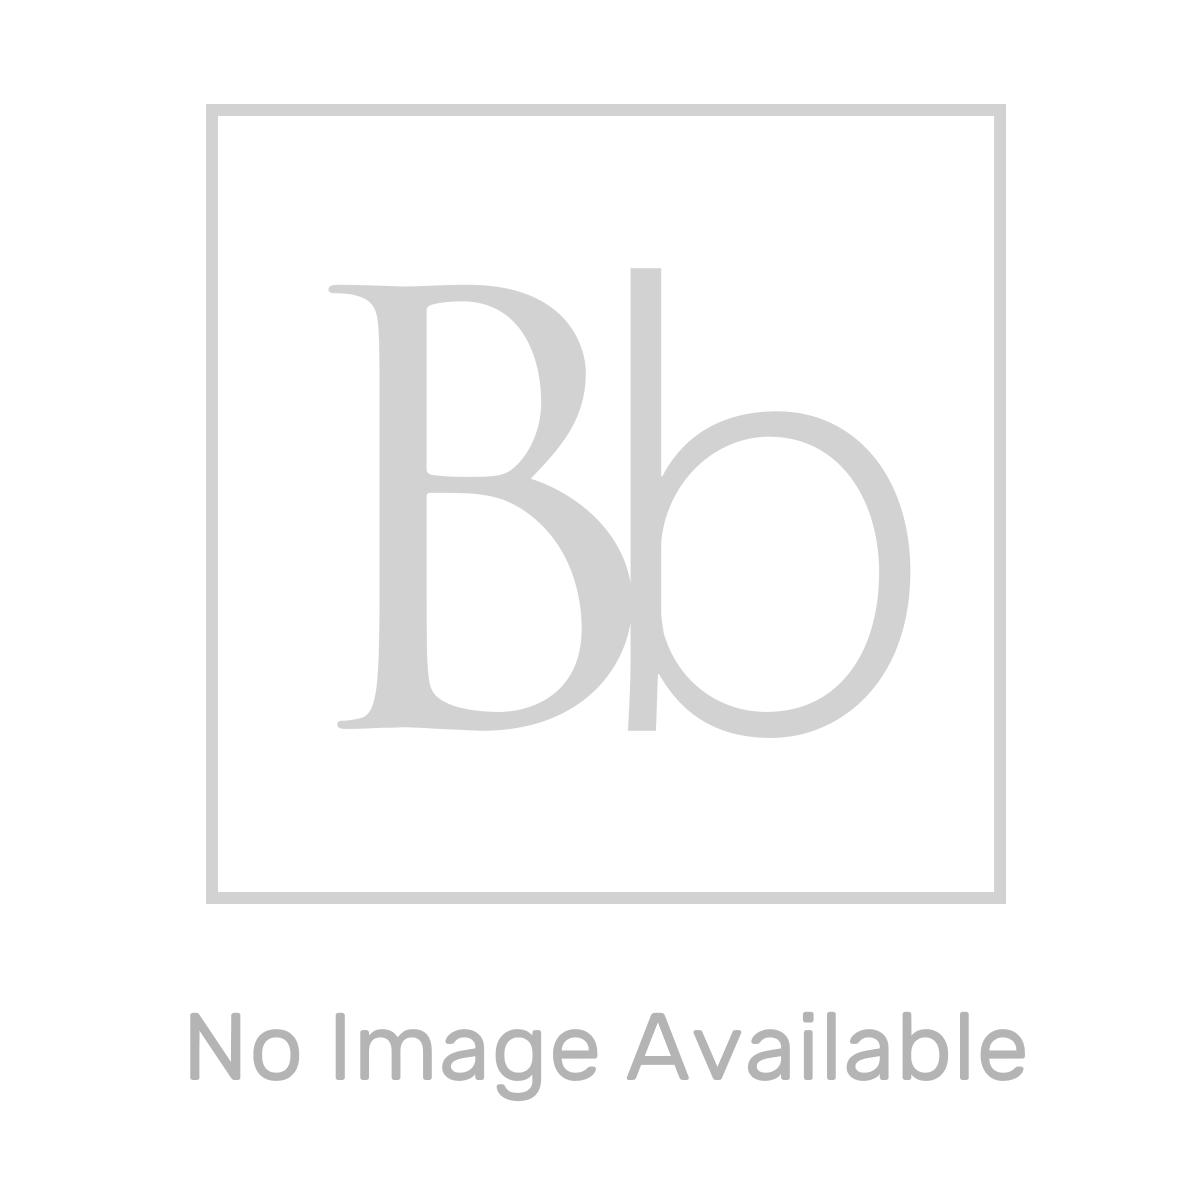 Aquadart Grey Slate Shower Tray 1700 x 900 Dimension